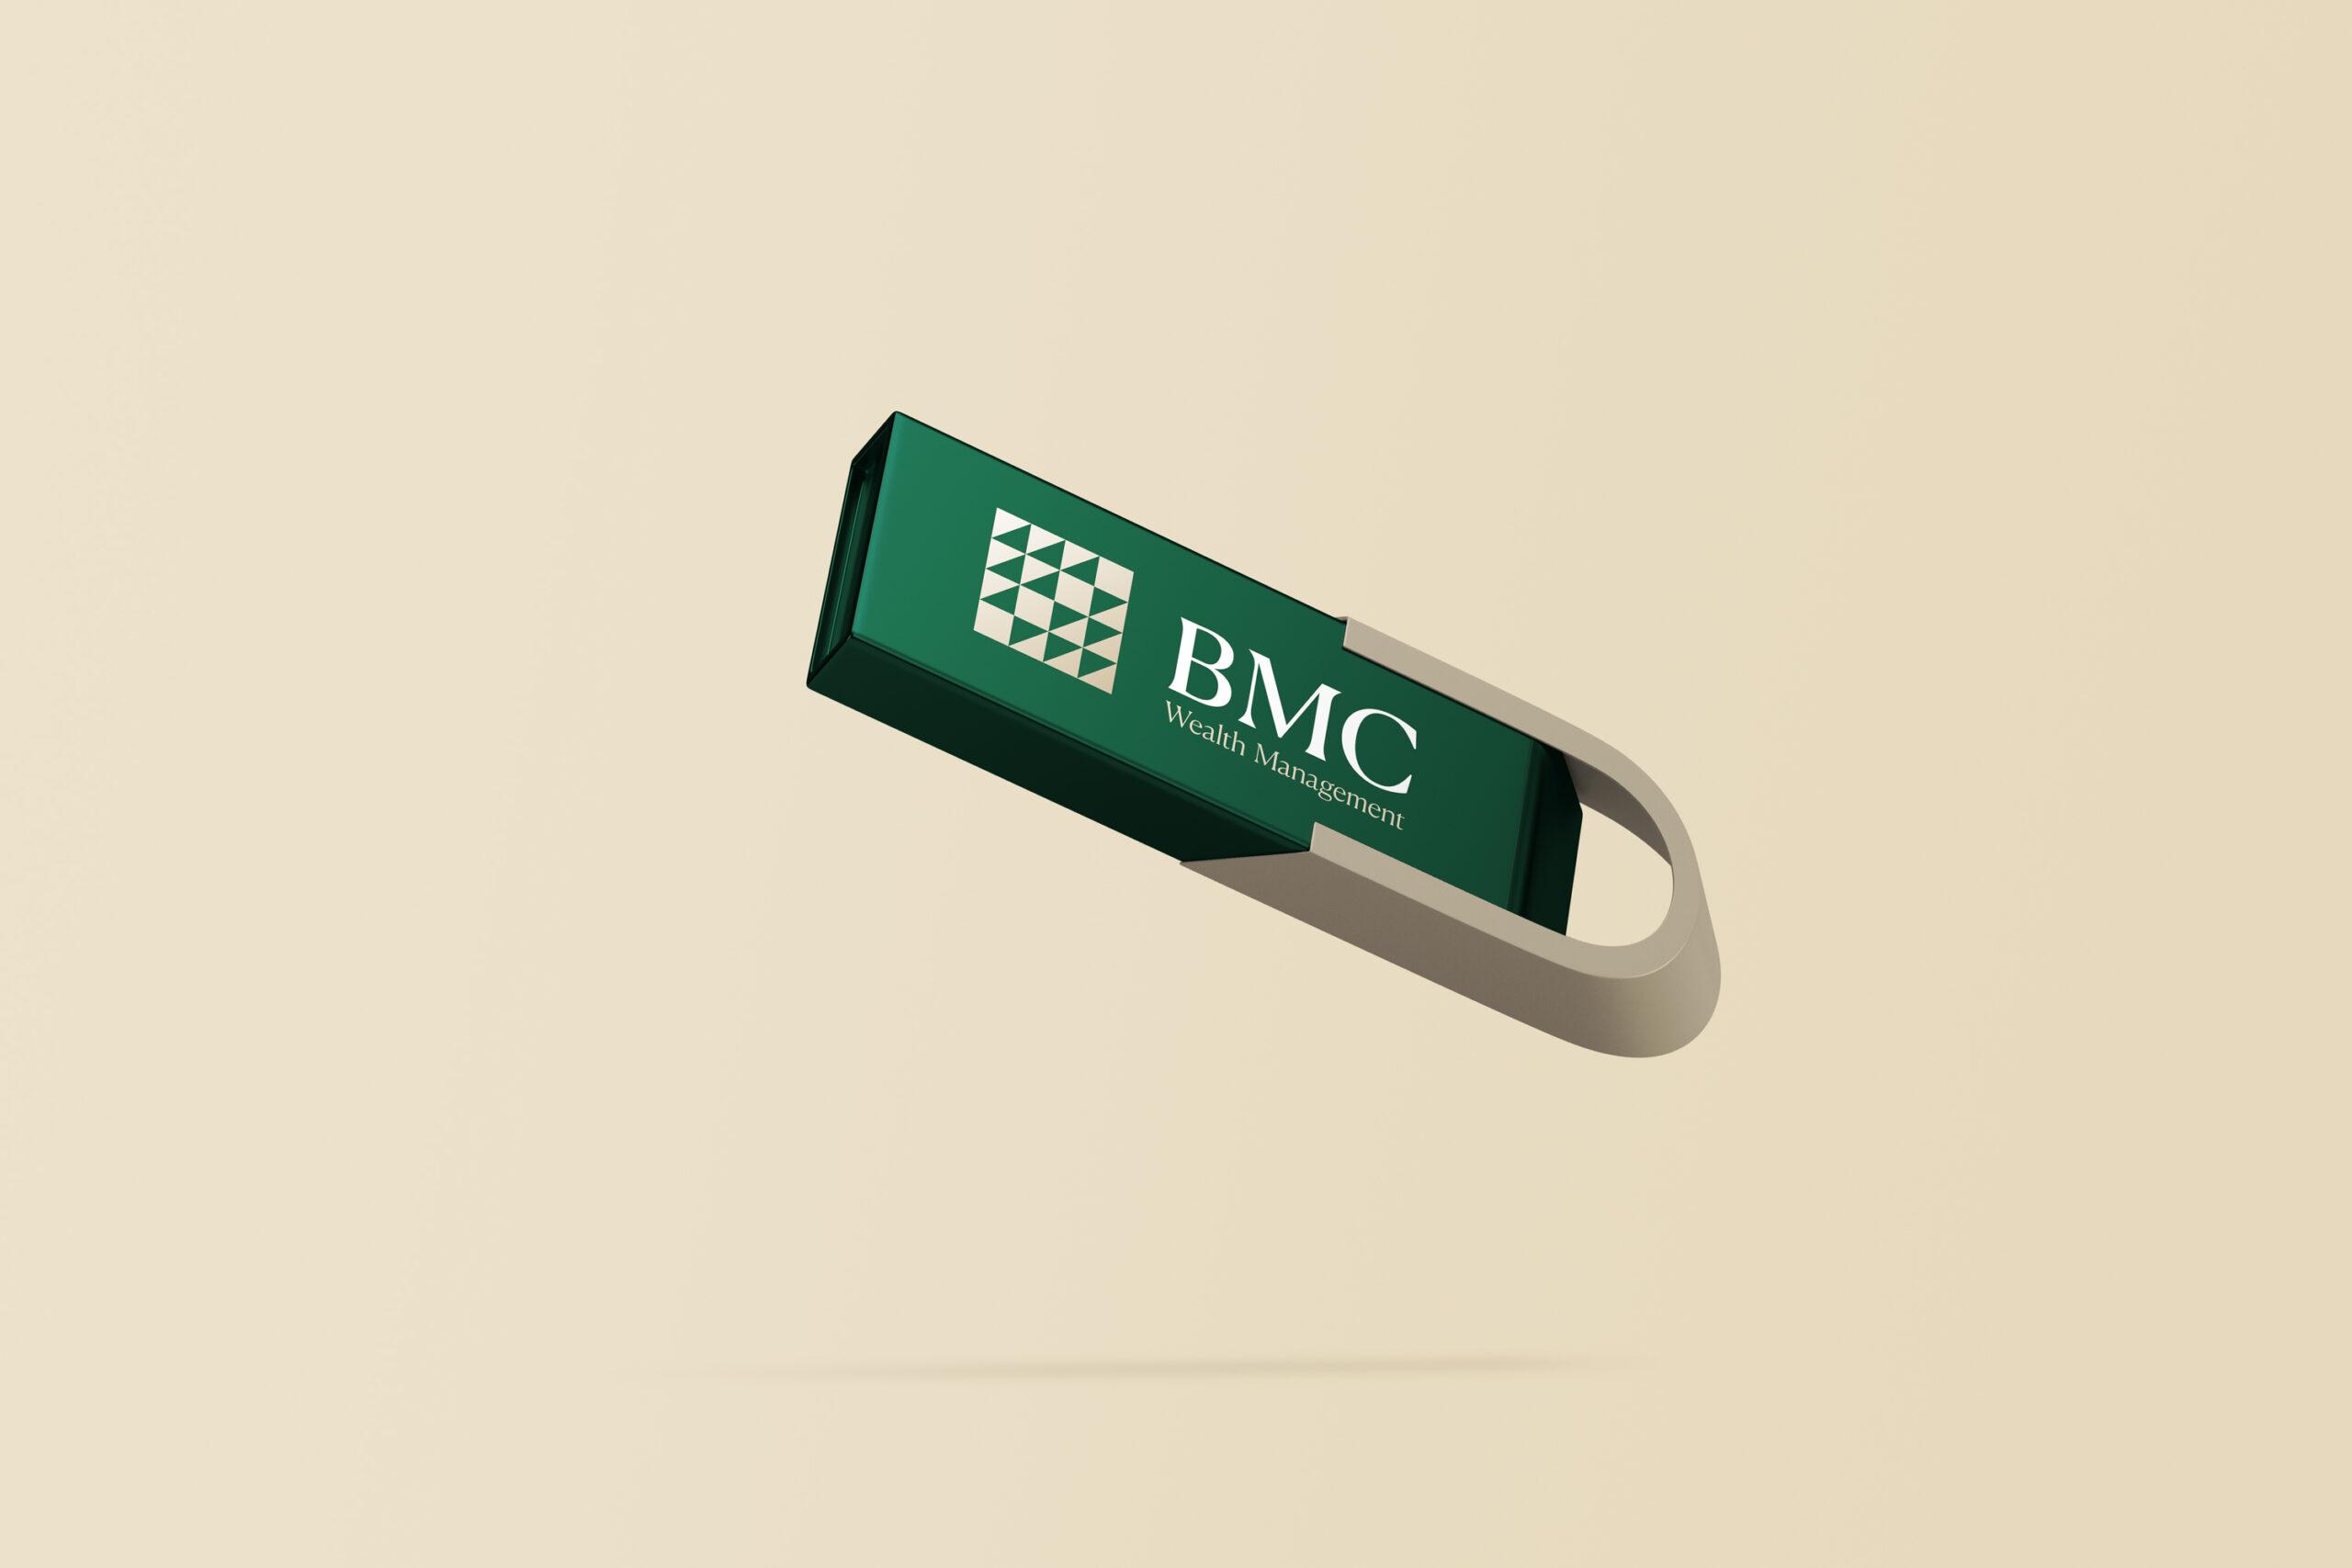 BMC Wealth Management branded USB disk